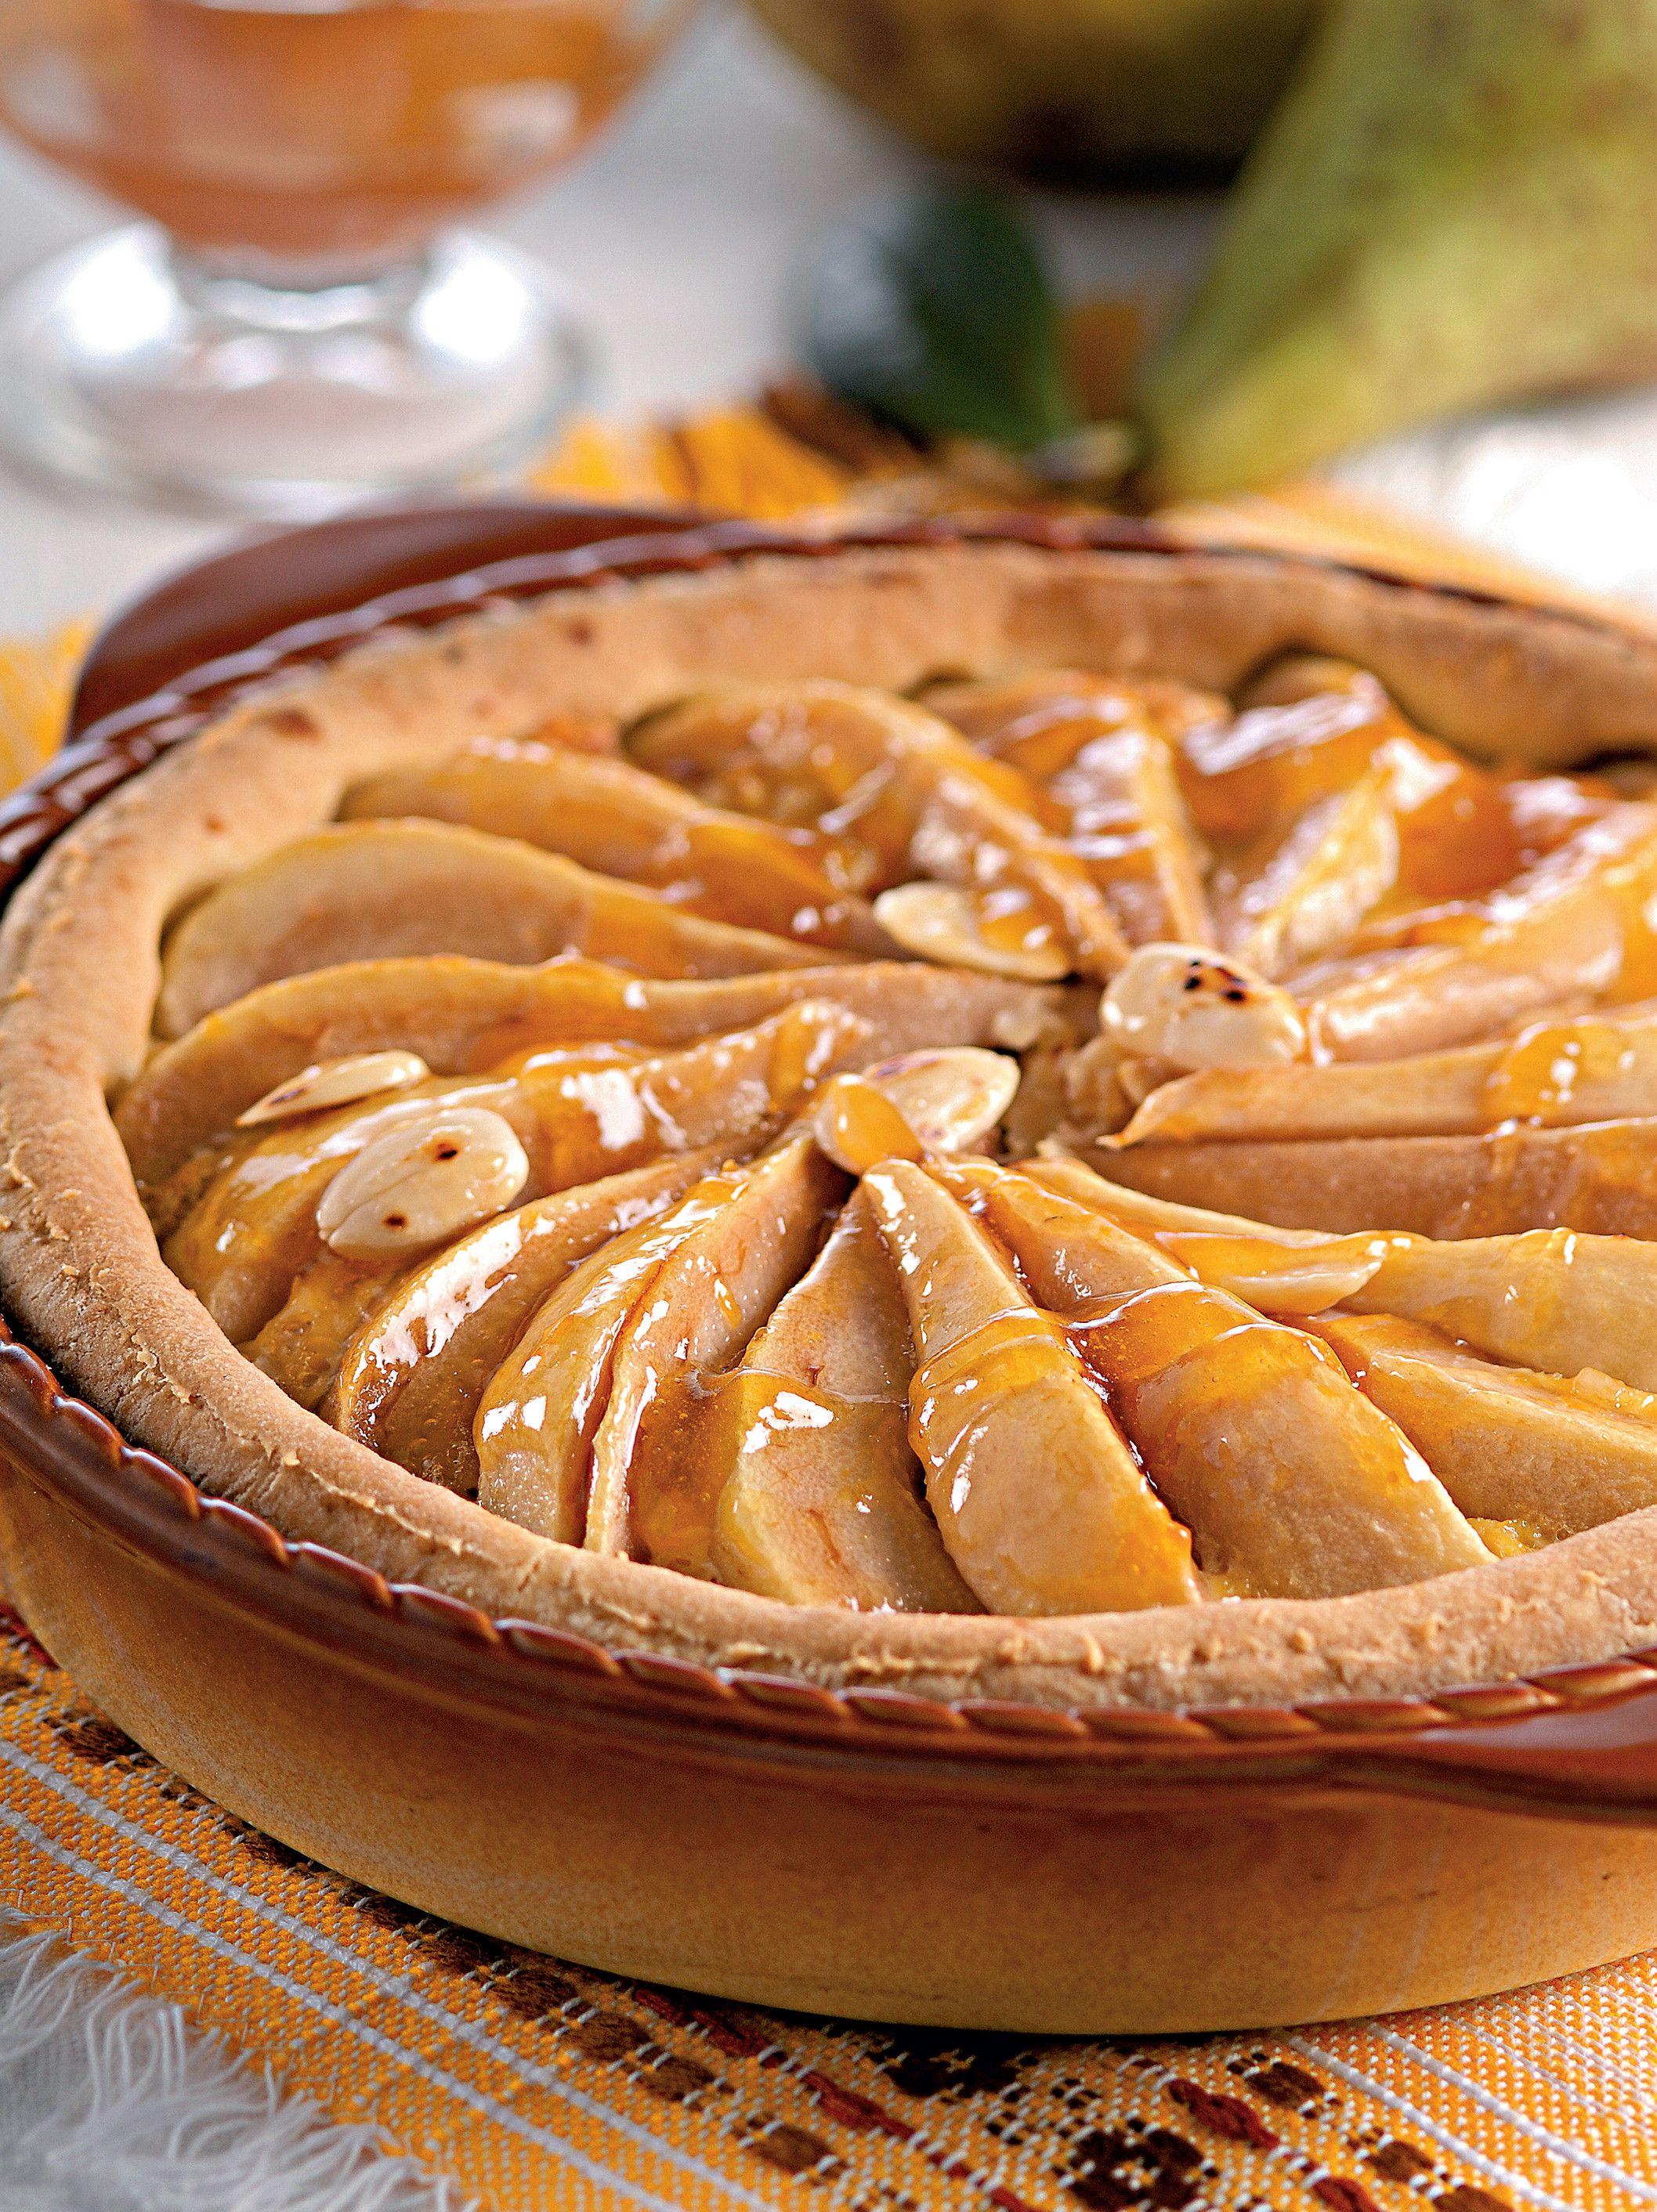 строительство дома марокканские сладости рецепты с фото хулиганка